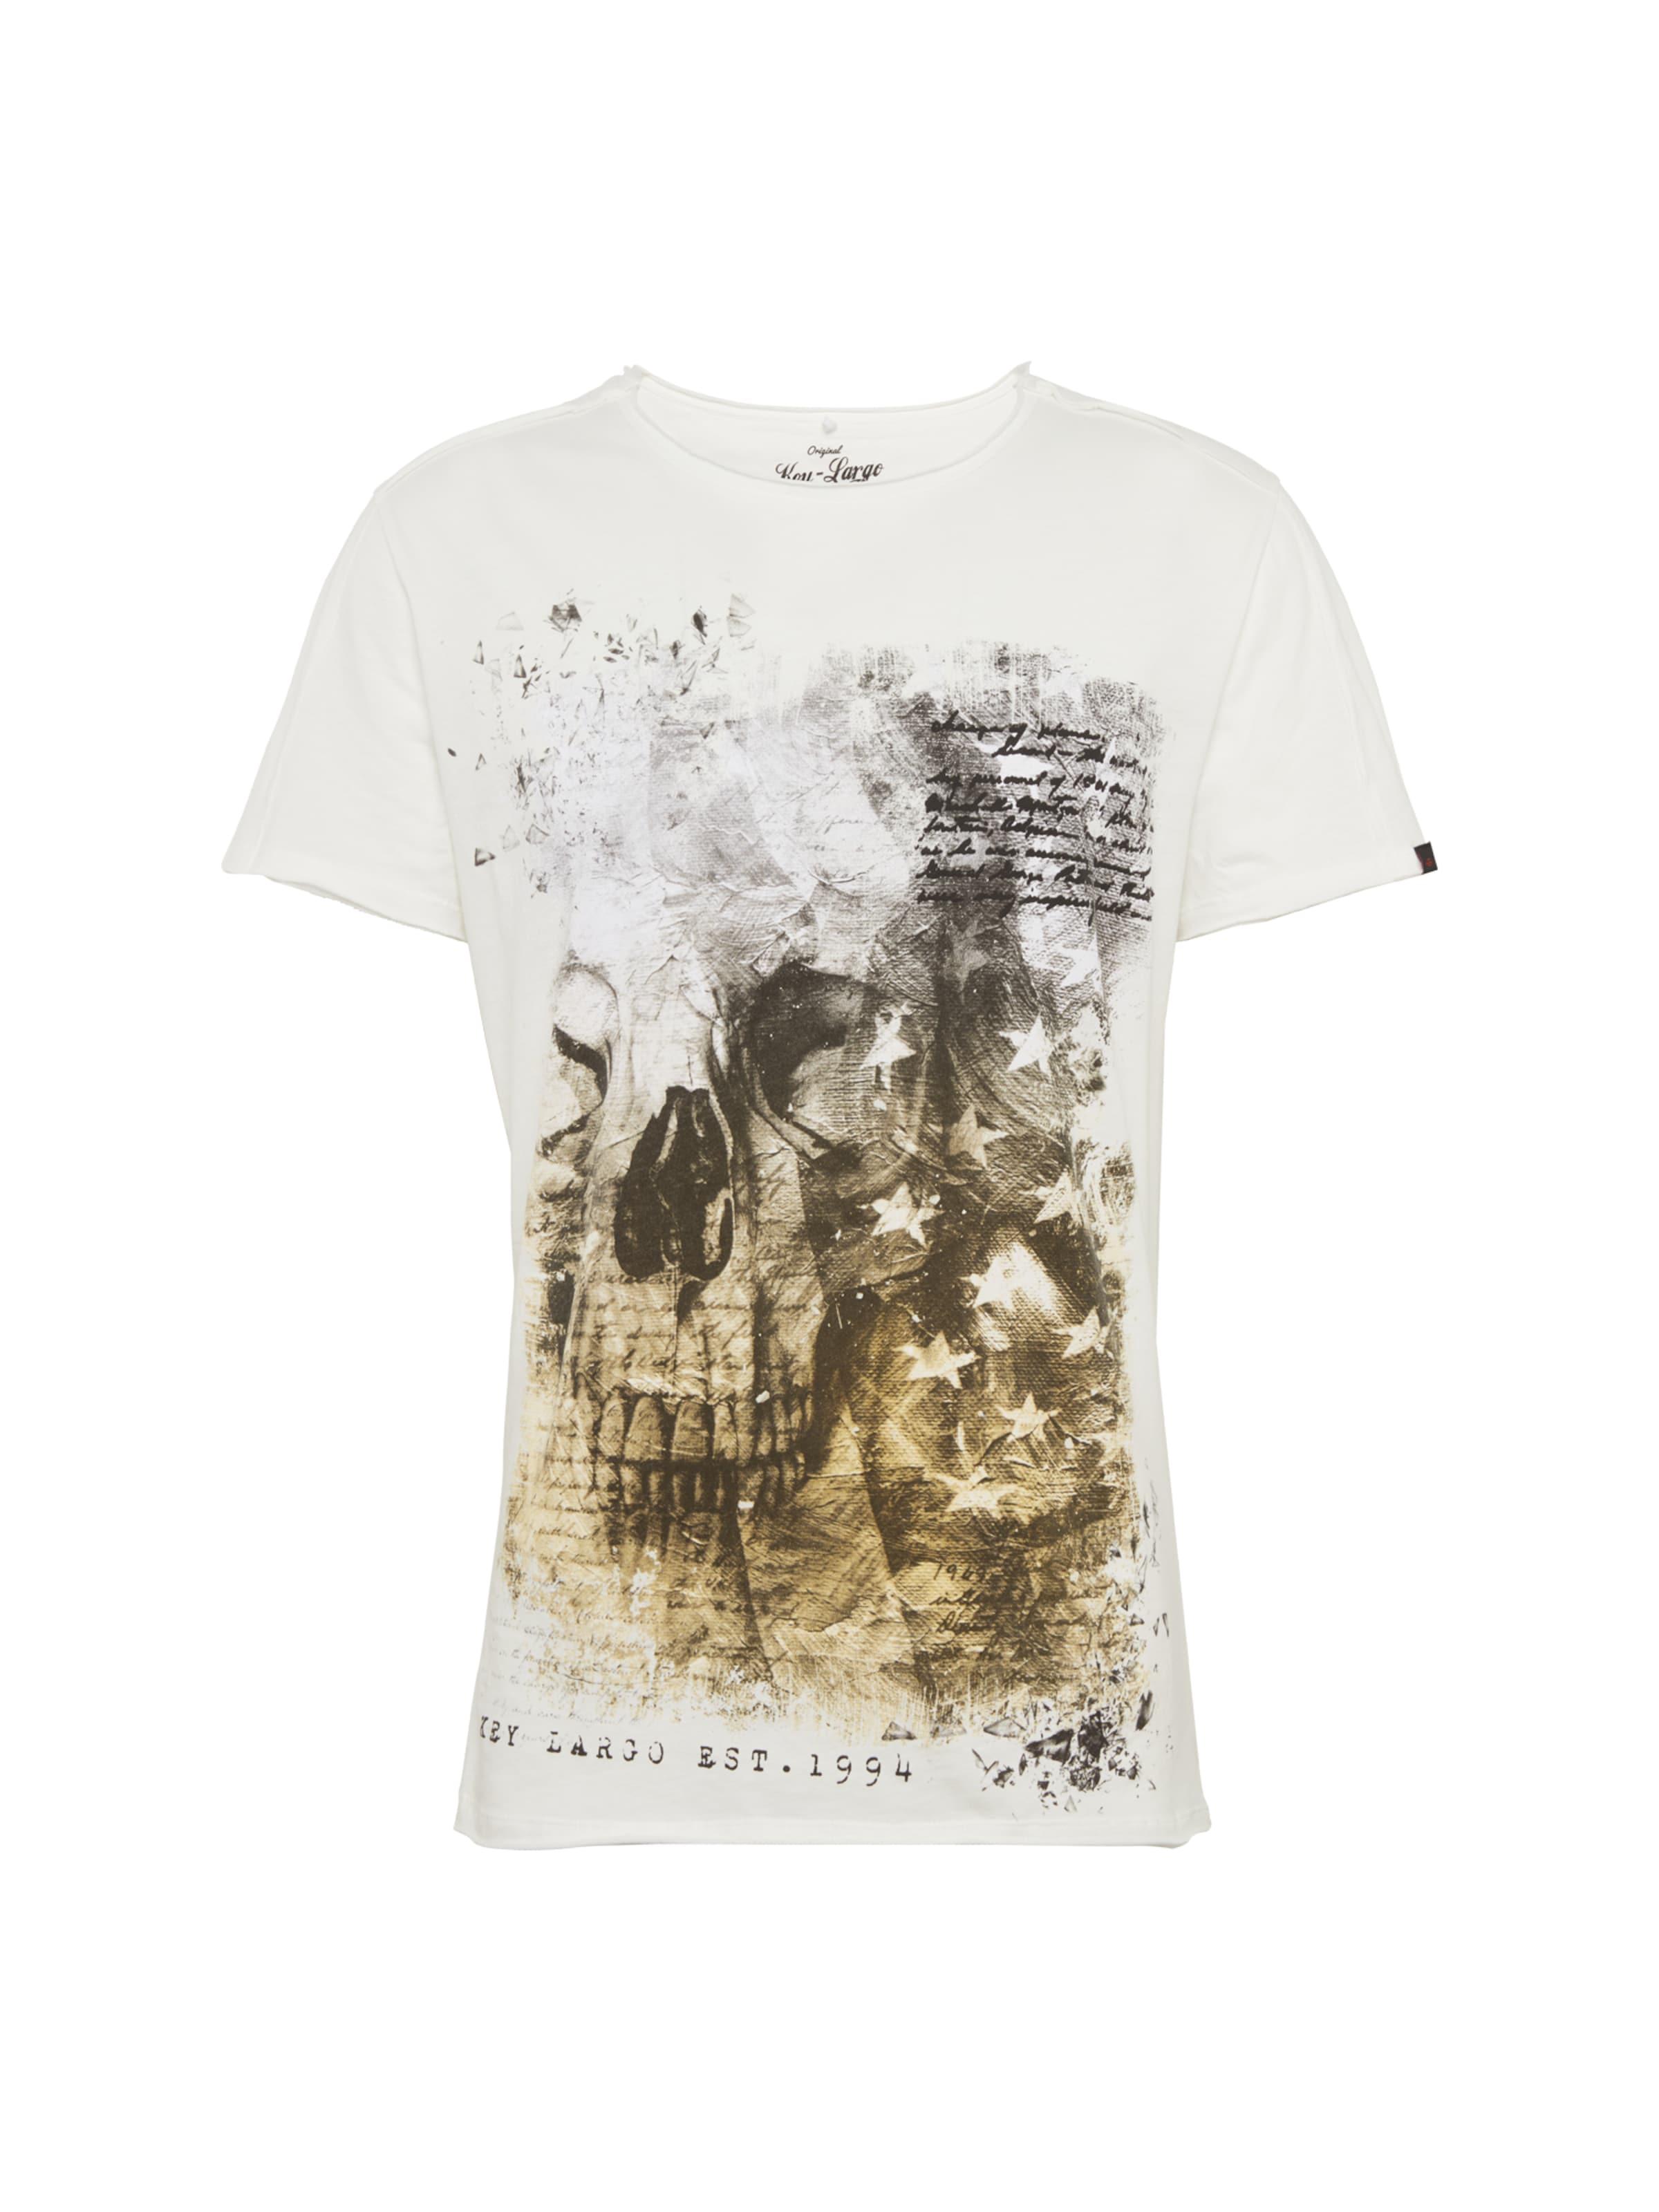 Round' T shirt En Washington Key Jaune 'mt Largo Fumé Cassé FoncéGris Blanc bY7fg6vy